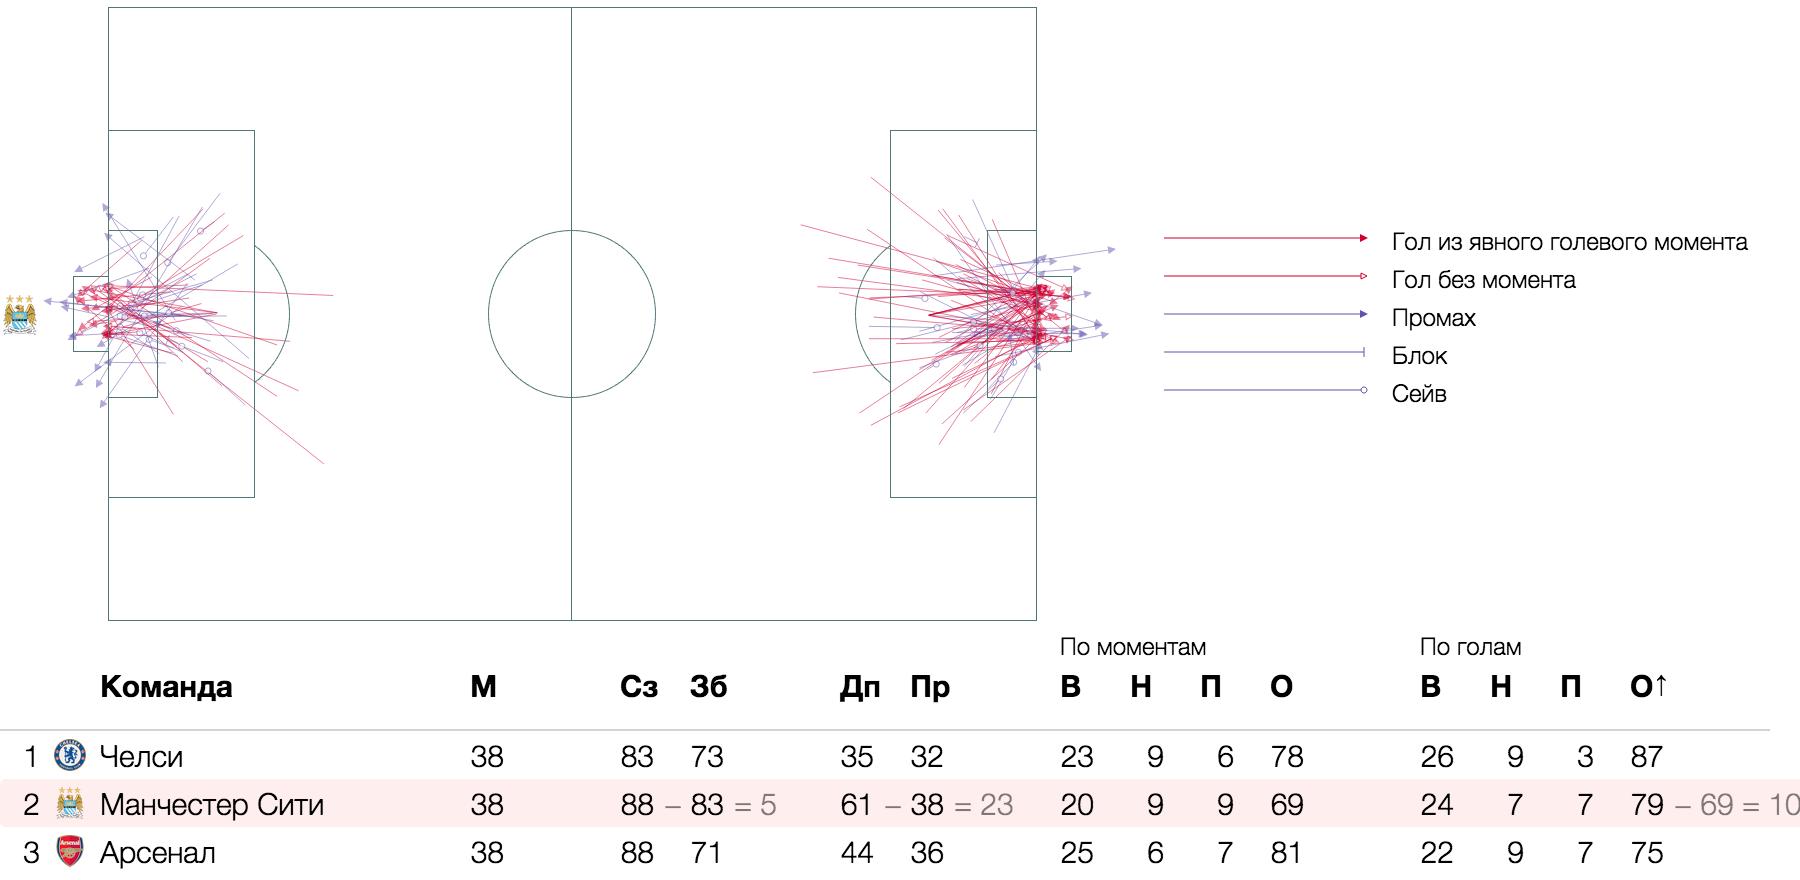 Алгоритм визуализации сложных данных - 16